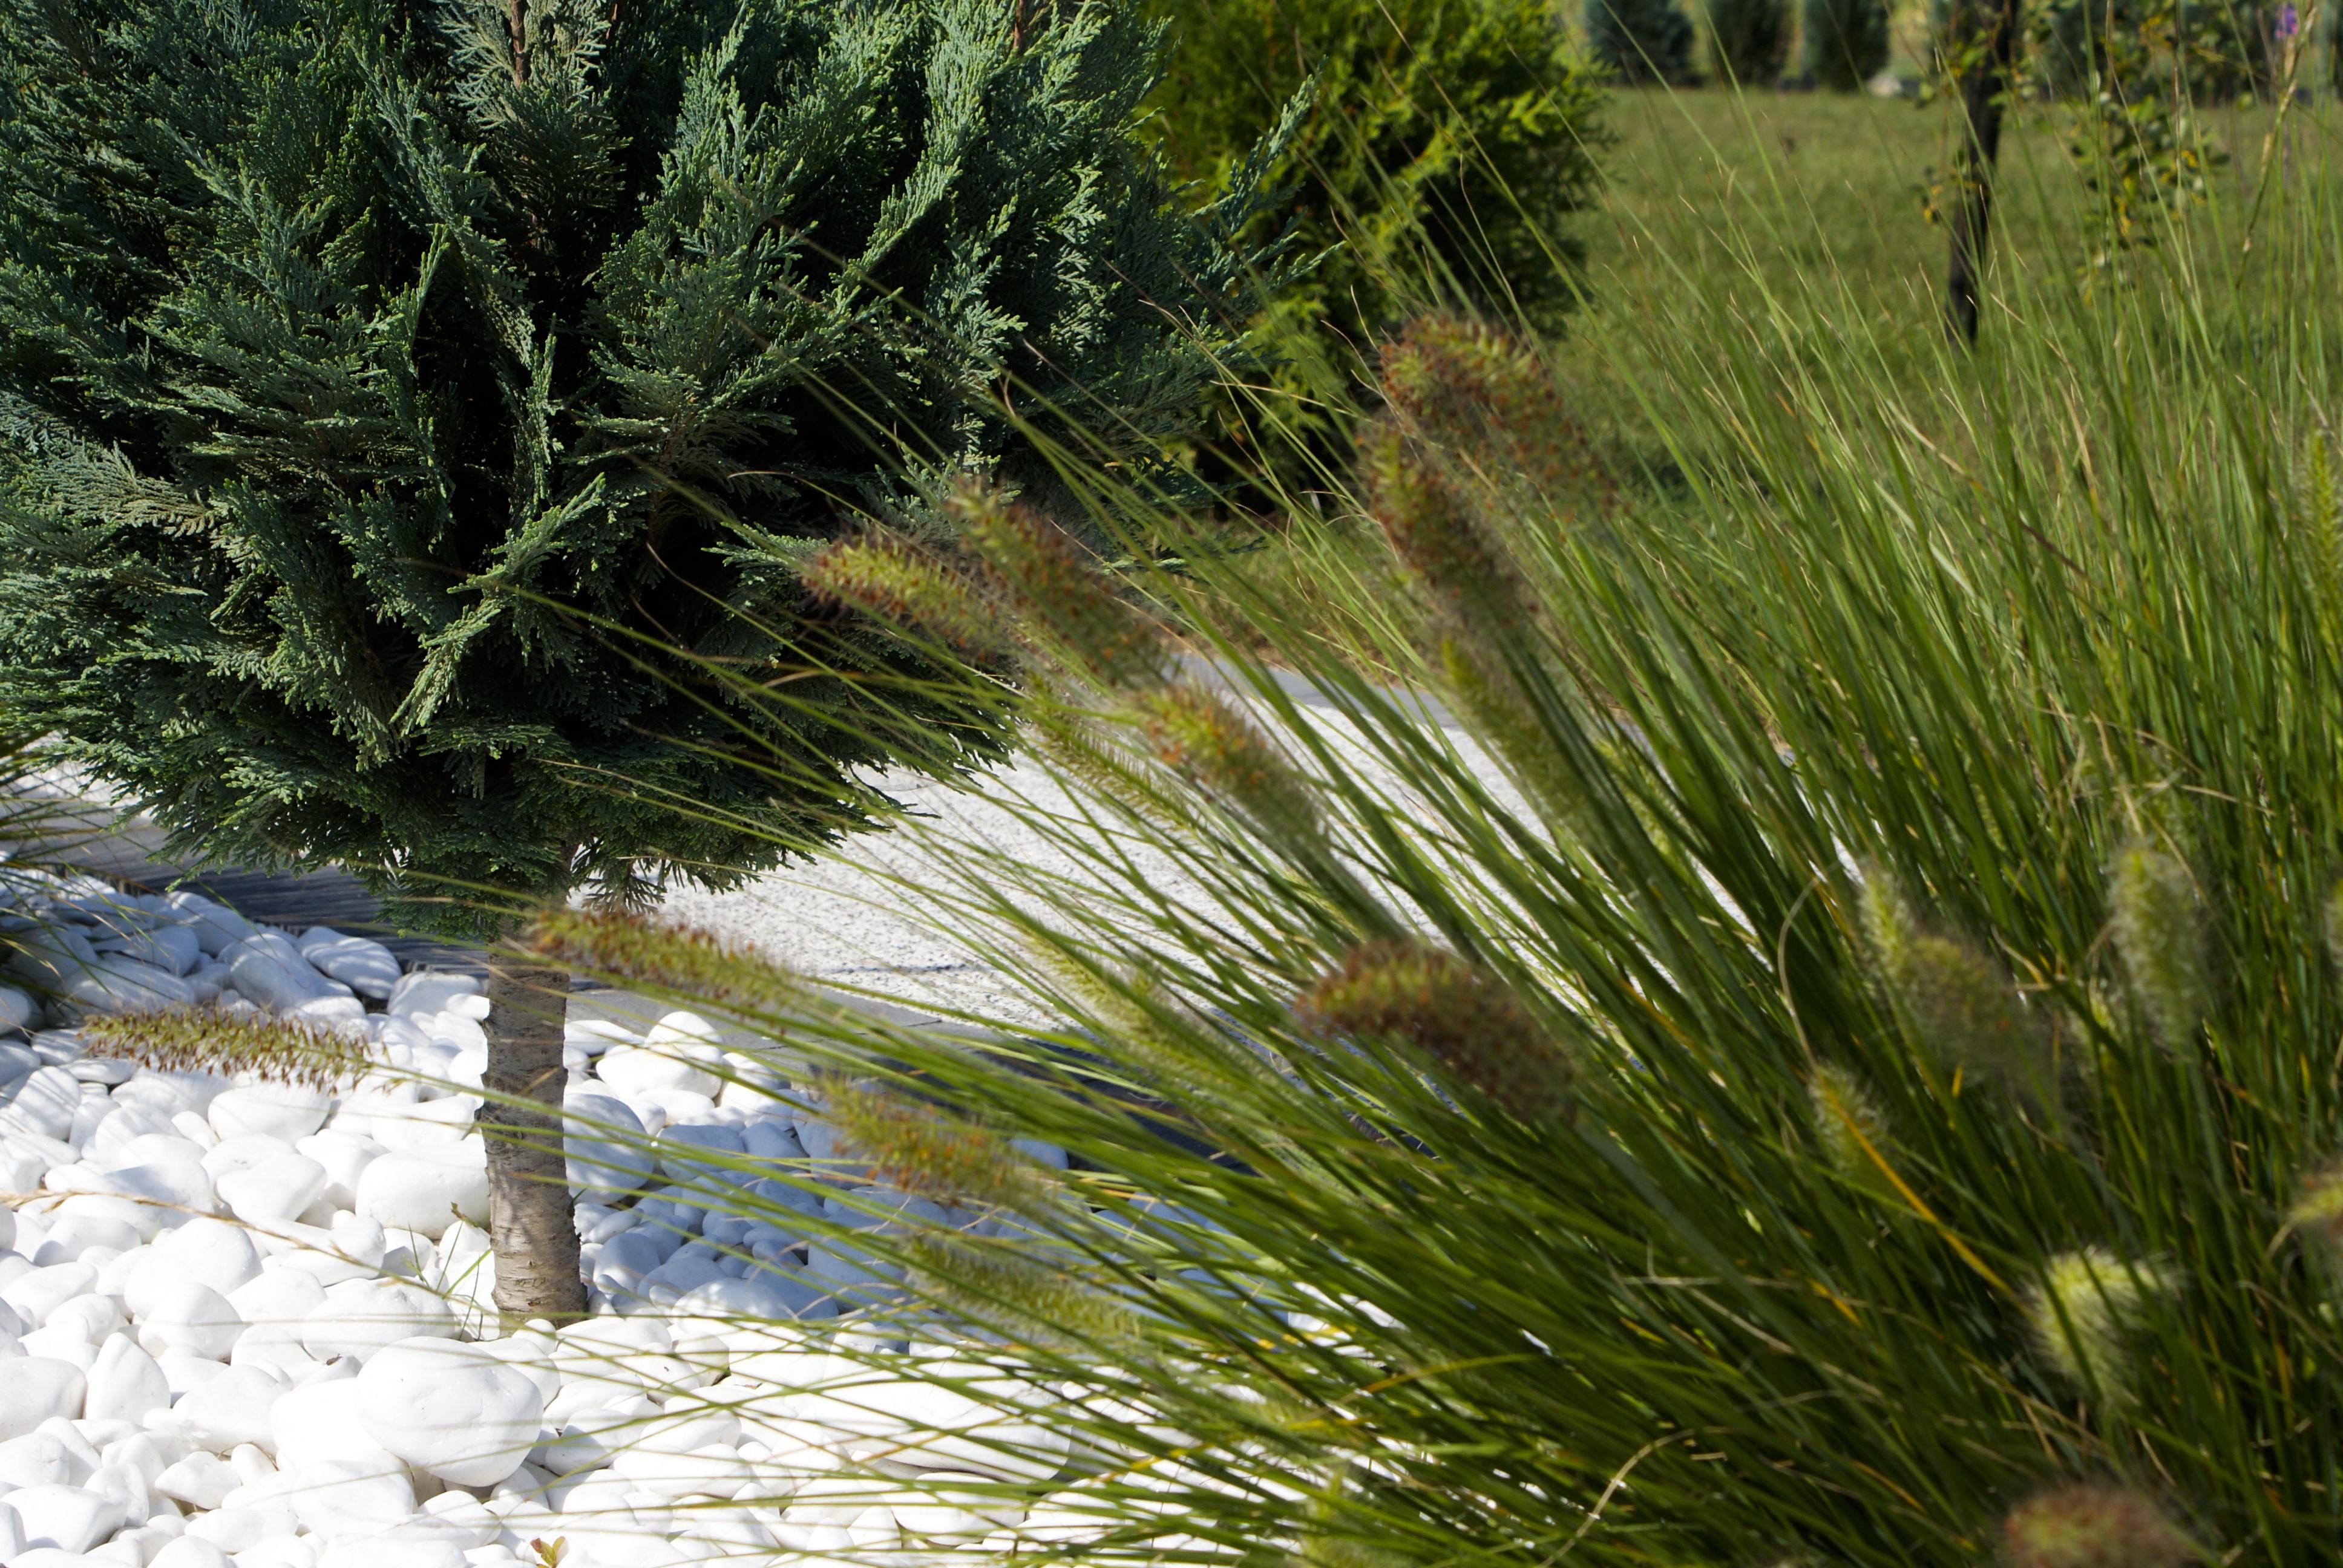 Kamien ogrodowy